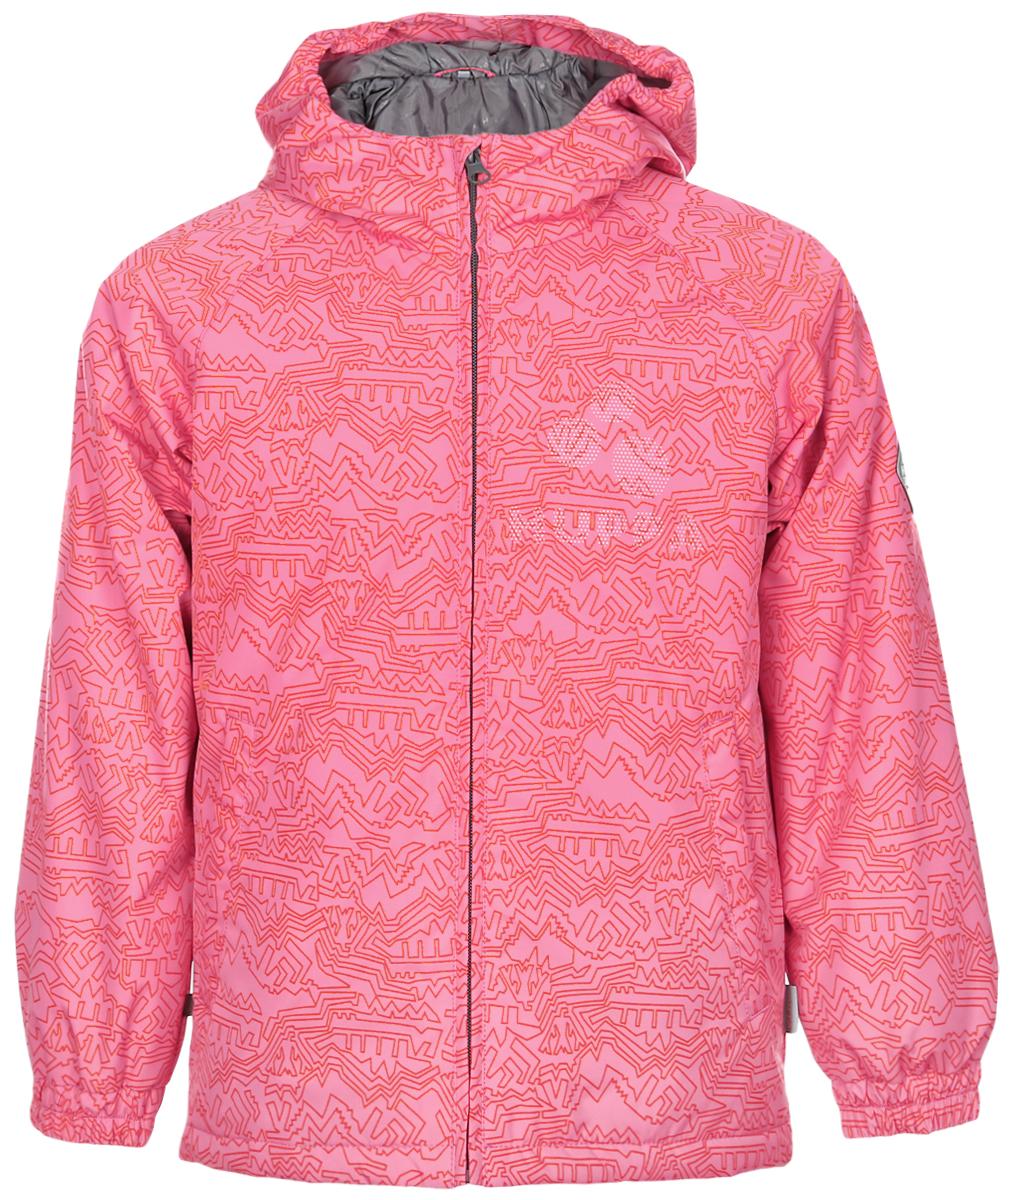 Куртка детская Huppa Classy 1, цвет: розовый. 17710010-913. Размер 11617710010-913Детская куртка Huppa изготовлена из водонепроницаемого полиэстера. Куртка с капюшоном застегивается на пластиковую застежку-молнию с защитой подбородка. Высокотехнологичный лёгкий синтетический утеплитель нового поколения сохраняет объём и высокую теплоизоляцию изделия. Края капюшона и рукавов собраны на внутренние резинки. У модели имеются два врезных кармана. Изделие дополнено светоотражающими элементами.Выдерживает температуру до -5°C.